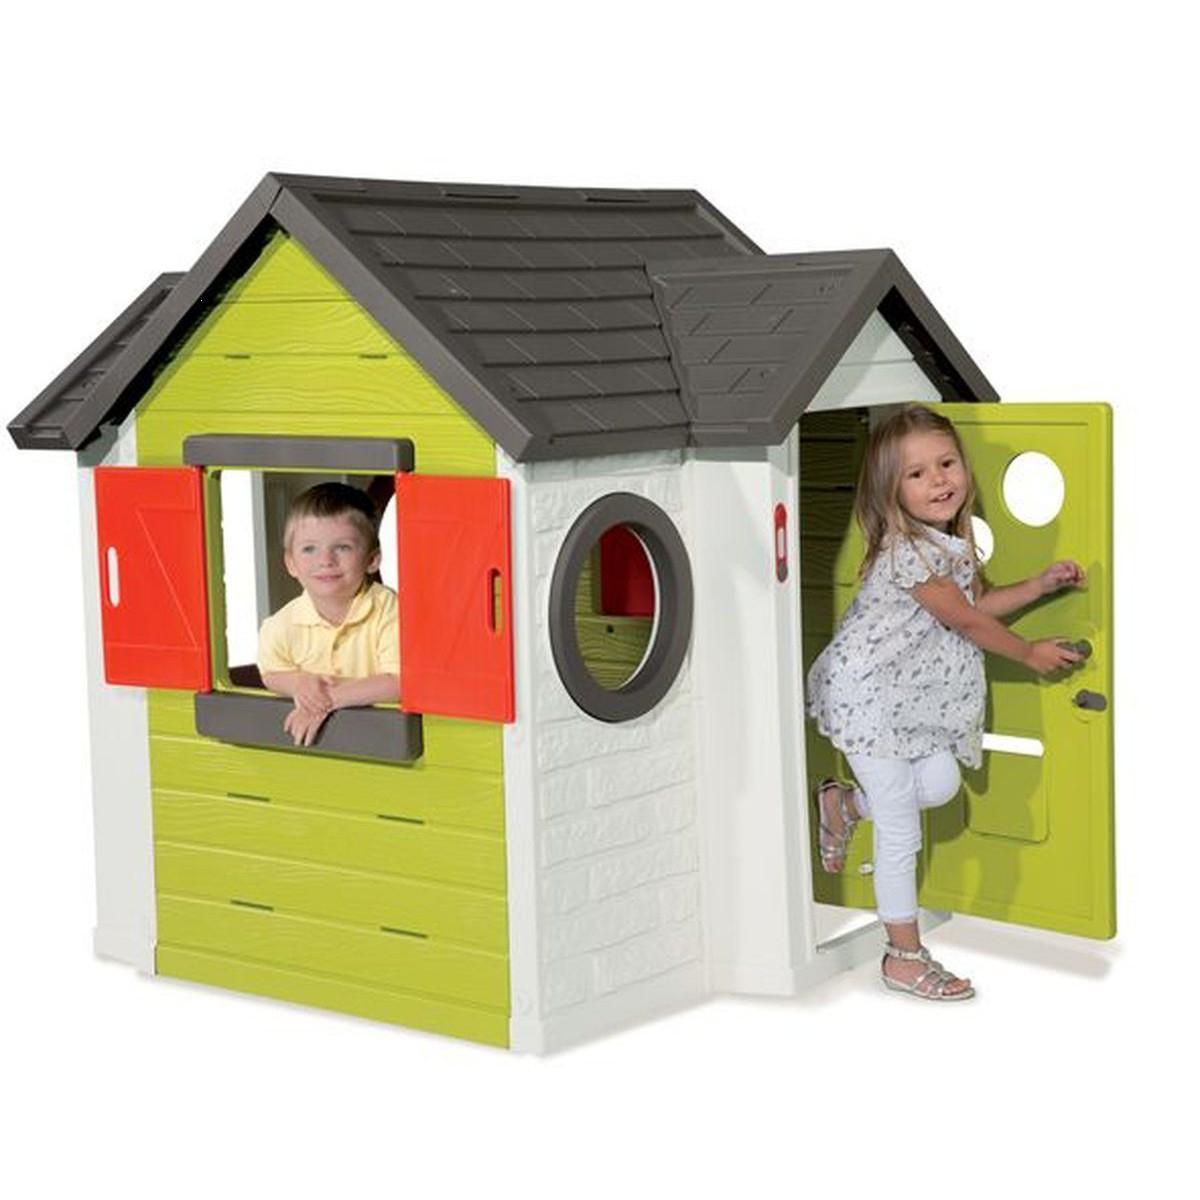 Cabane Enfant ⇒ Comparatif, Avis Et Meilleurs Modèles 2020 encequiconcerne Maison De Jardin Enfant Pas Cher